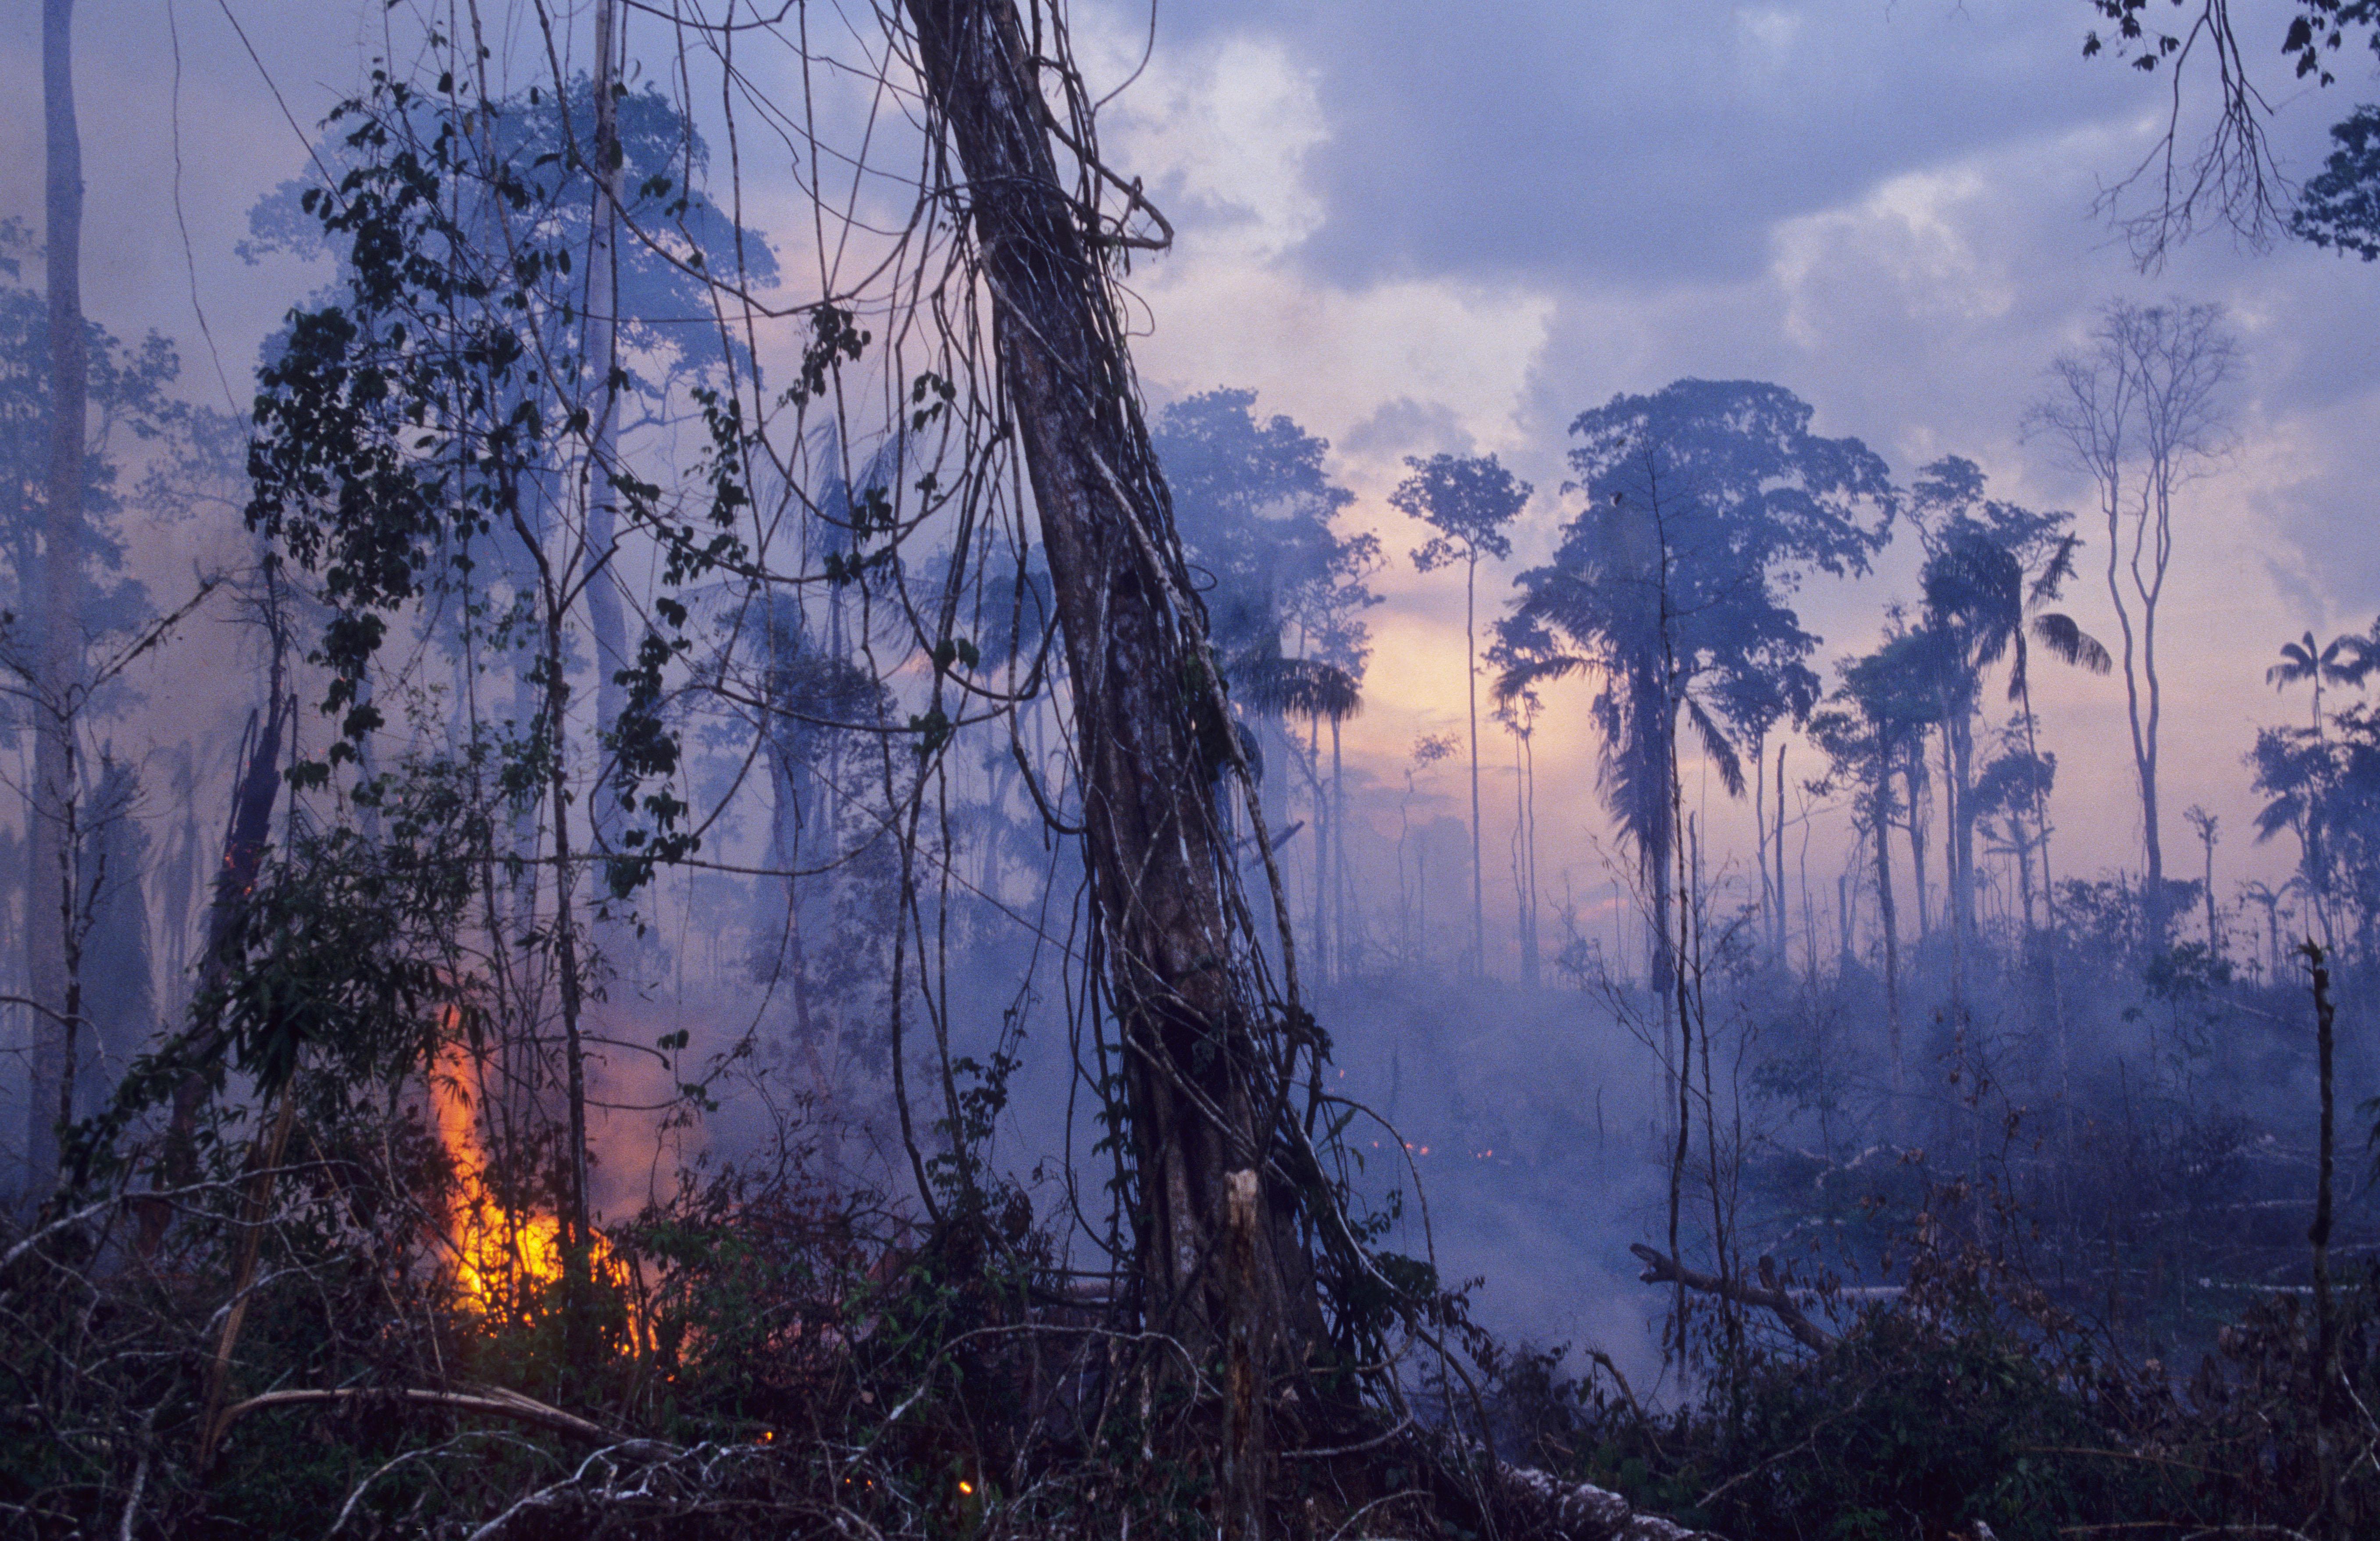 Foret Amazonienne Que Serait La Terre Sans Son Poumon